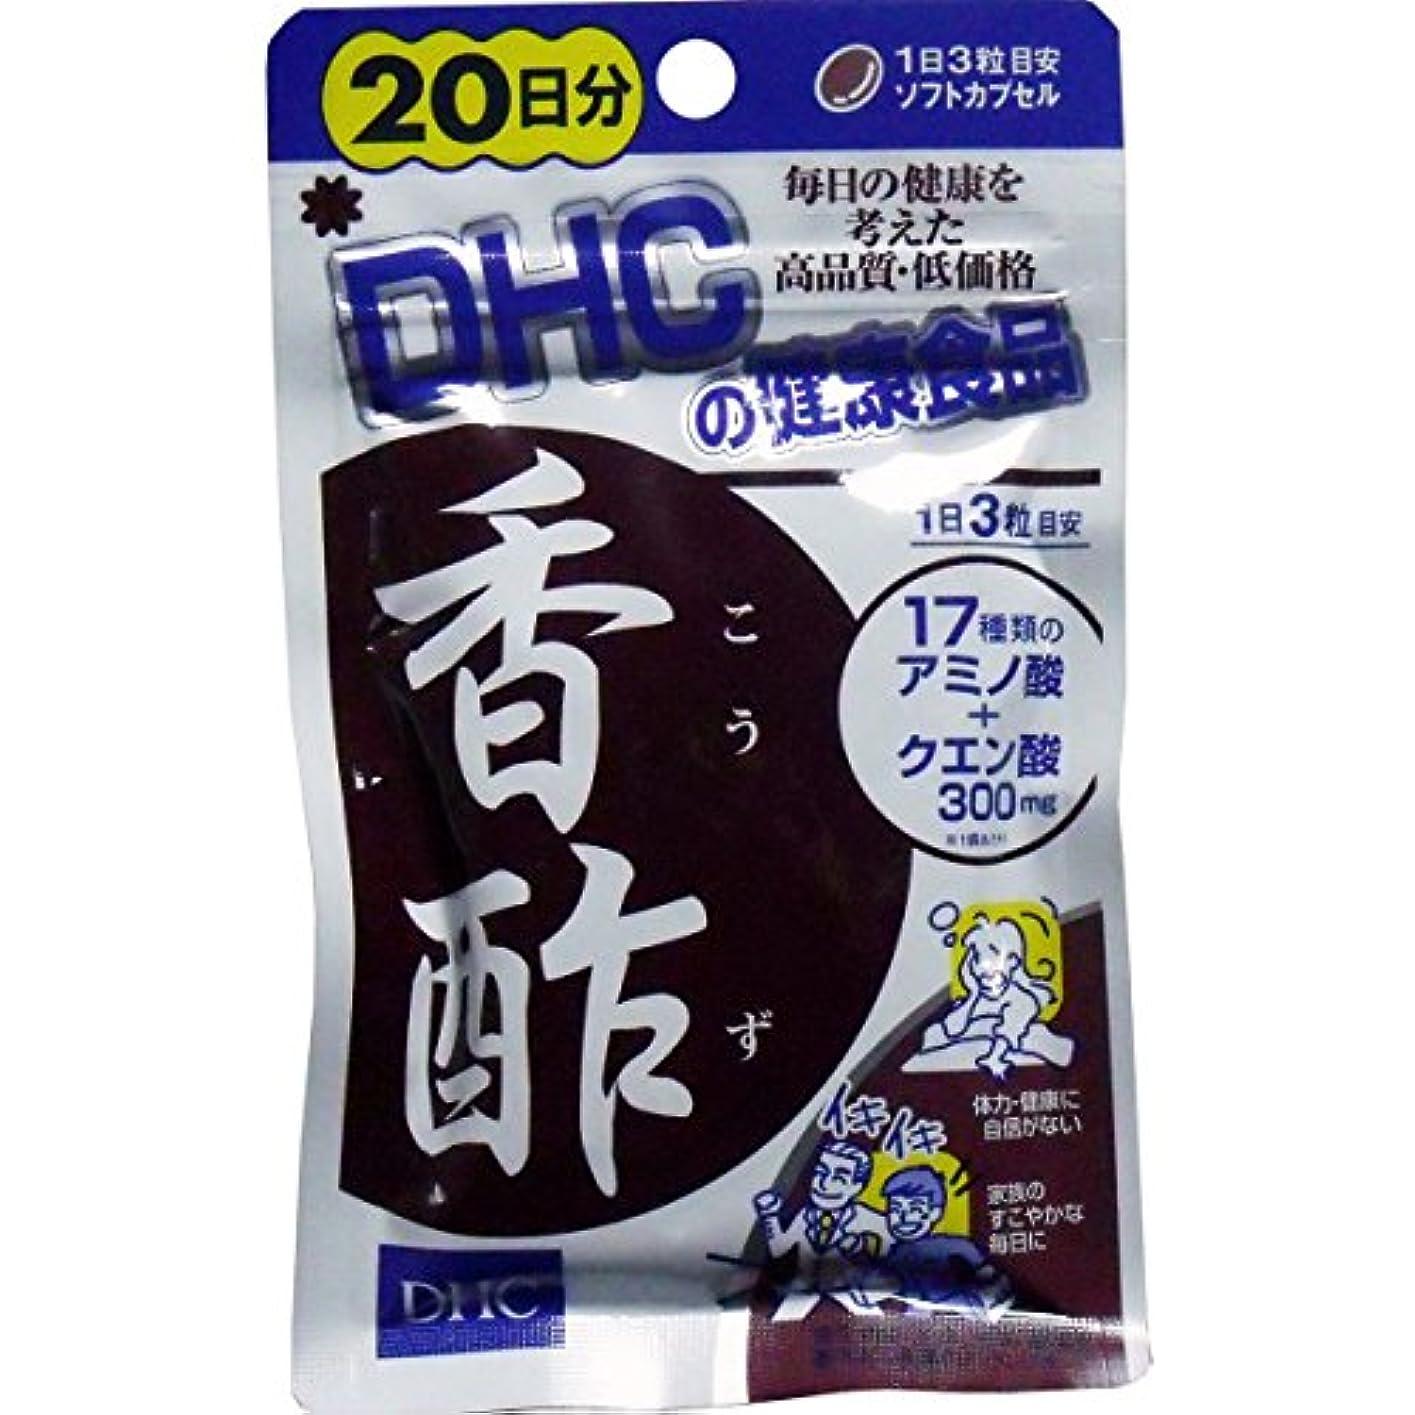 微生物神のコーデリアDHC 香酢 20日分 60粒入「2点セット」